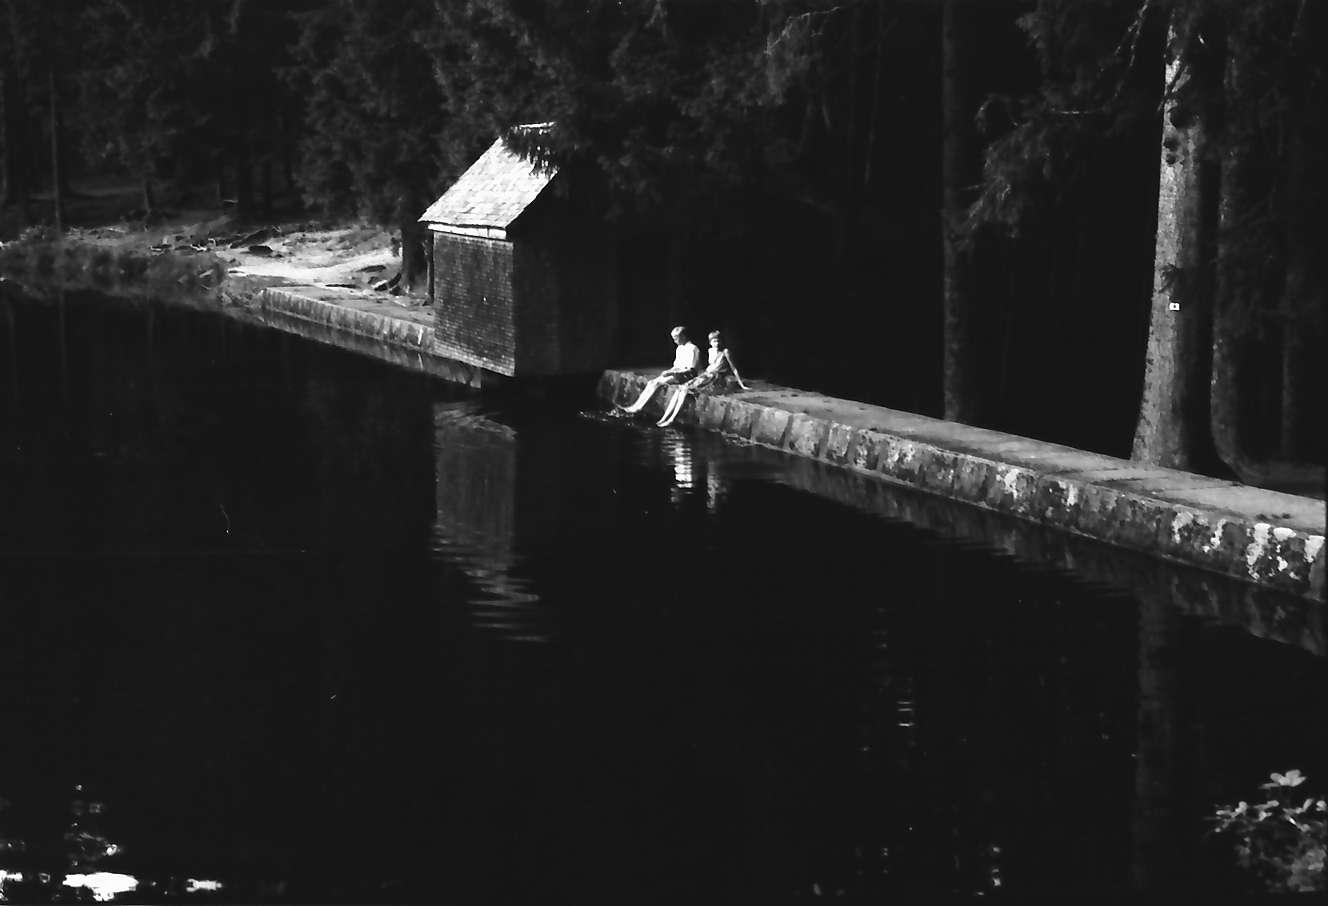 Schapbach: Glaswaldsee, Mauer am Seerand mit zwei Leuten, Bild 1